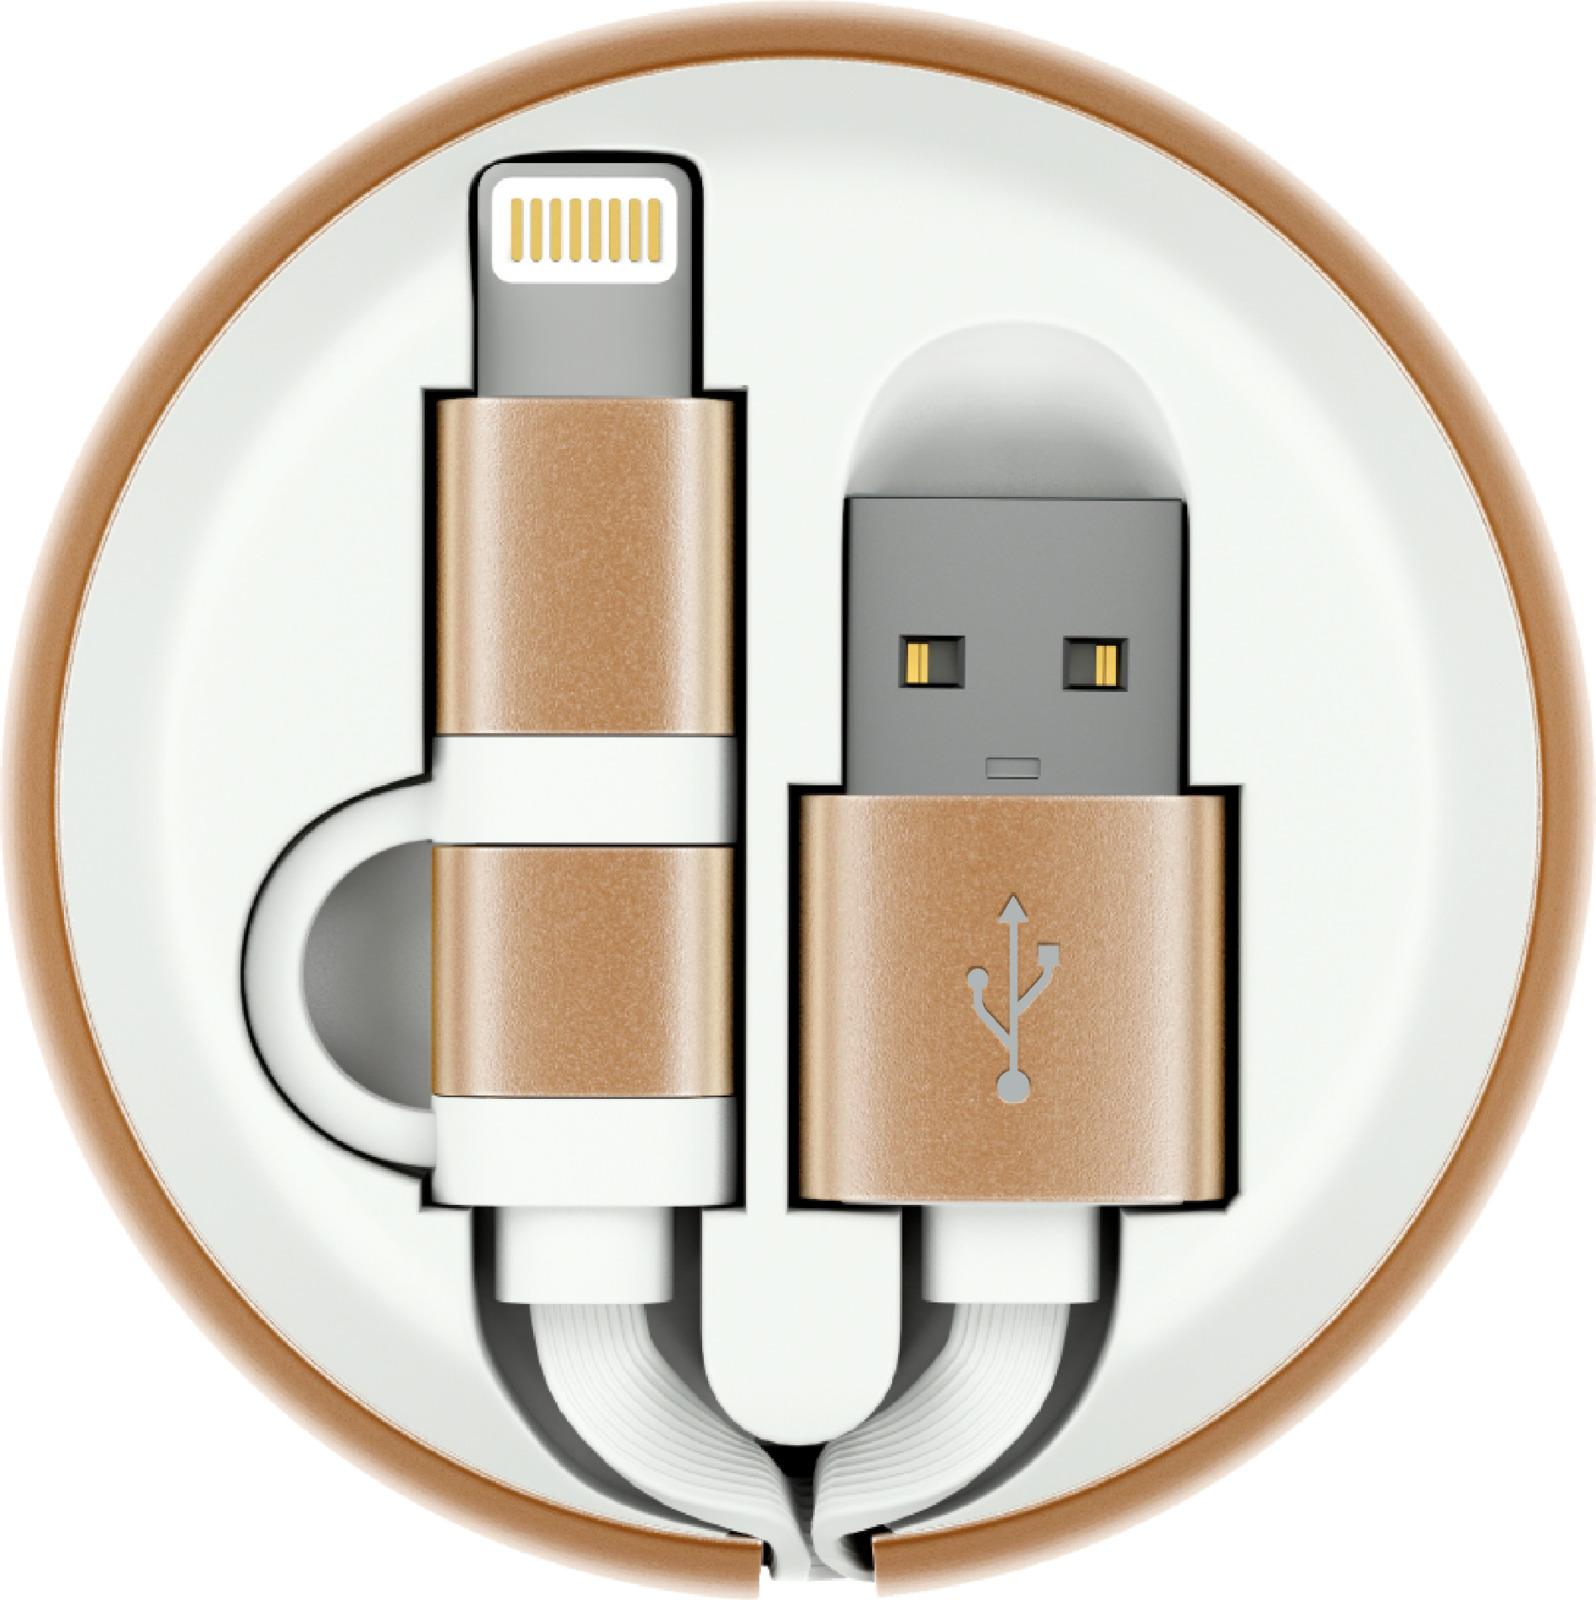 Кабель-рулетка Interstep Lightning + Micro USB 2.0, 65590, белый, золотой, 1 м переходник кабель interstep is dc crgnheasl 020b201 usb 2 0 lightning lightning мама 0 2 м для одновременной зарядки устройства и прослушивания музыки черный